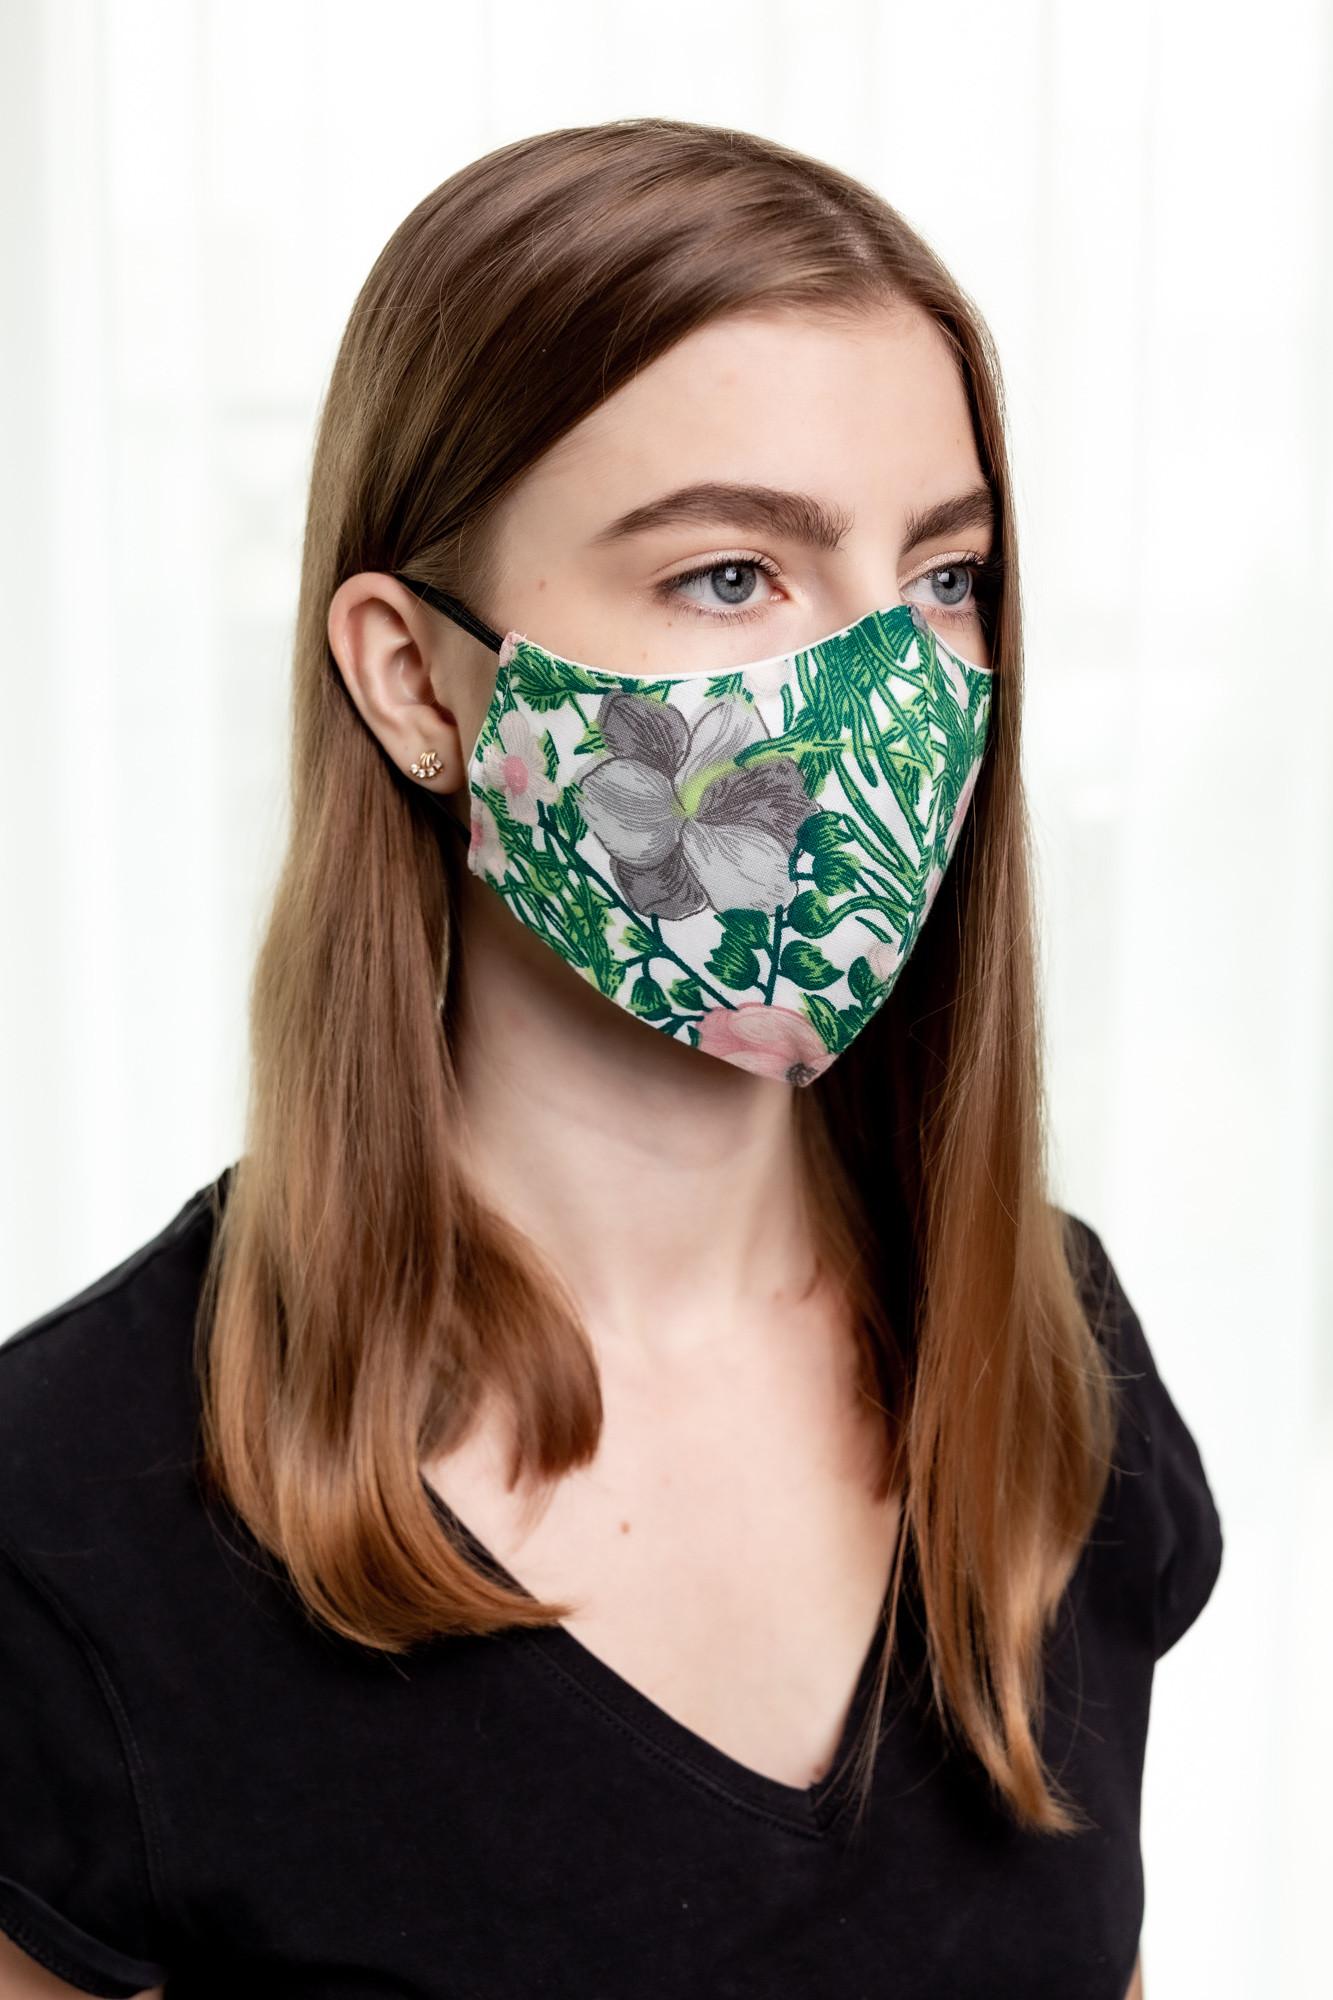 Bawełniana maseczka ochronna dwuwarstwowa Materiał: 100 bawełna Swoboda oddychania Rozmiar: Unisex Produkt higieniczny nie podlega zwrotowi Wyprodukowano w Polsce